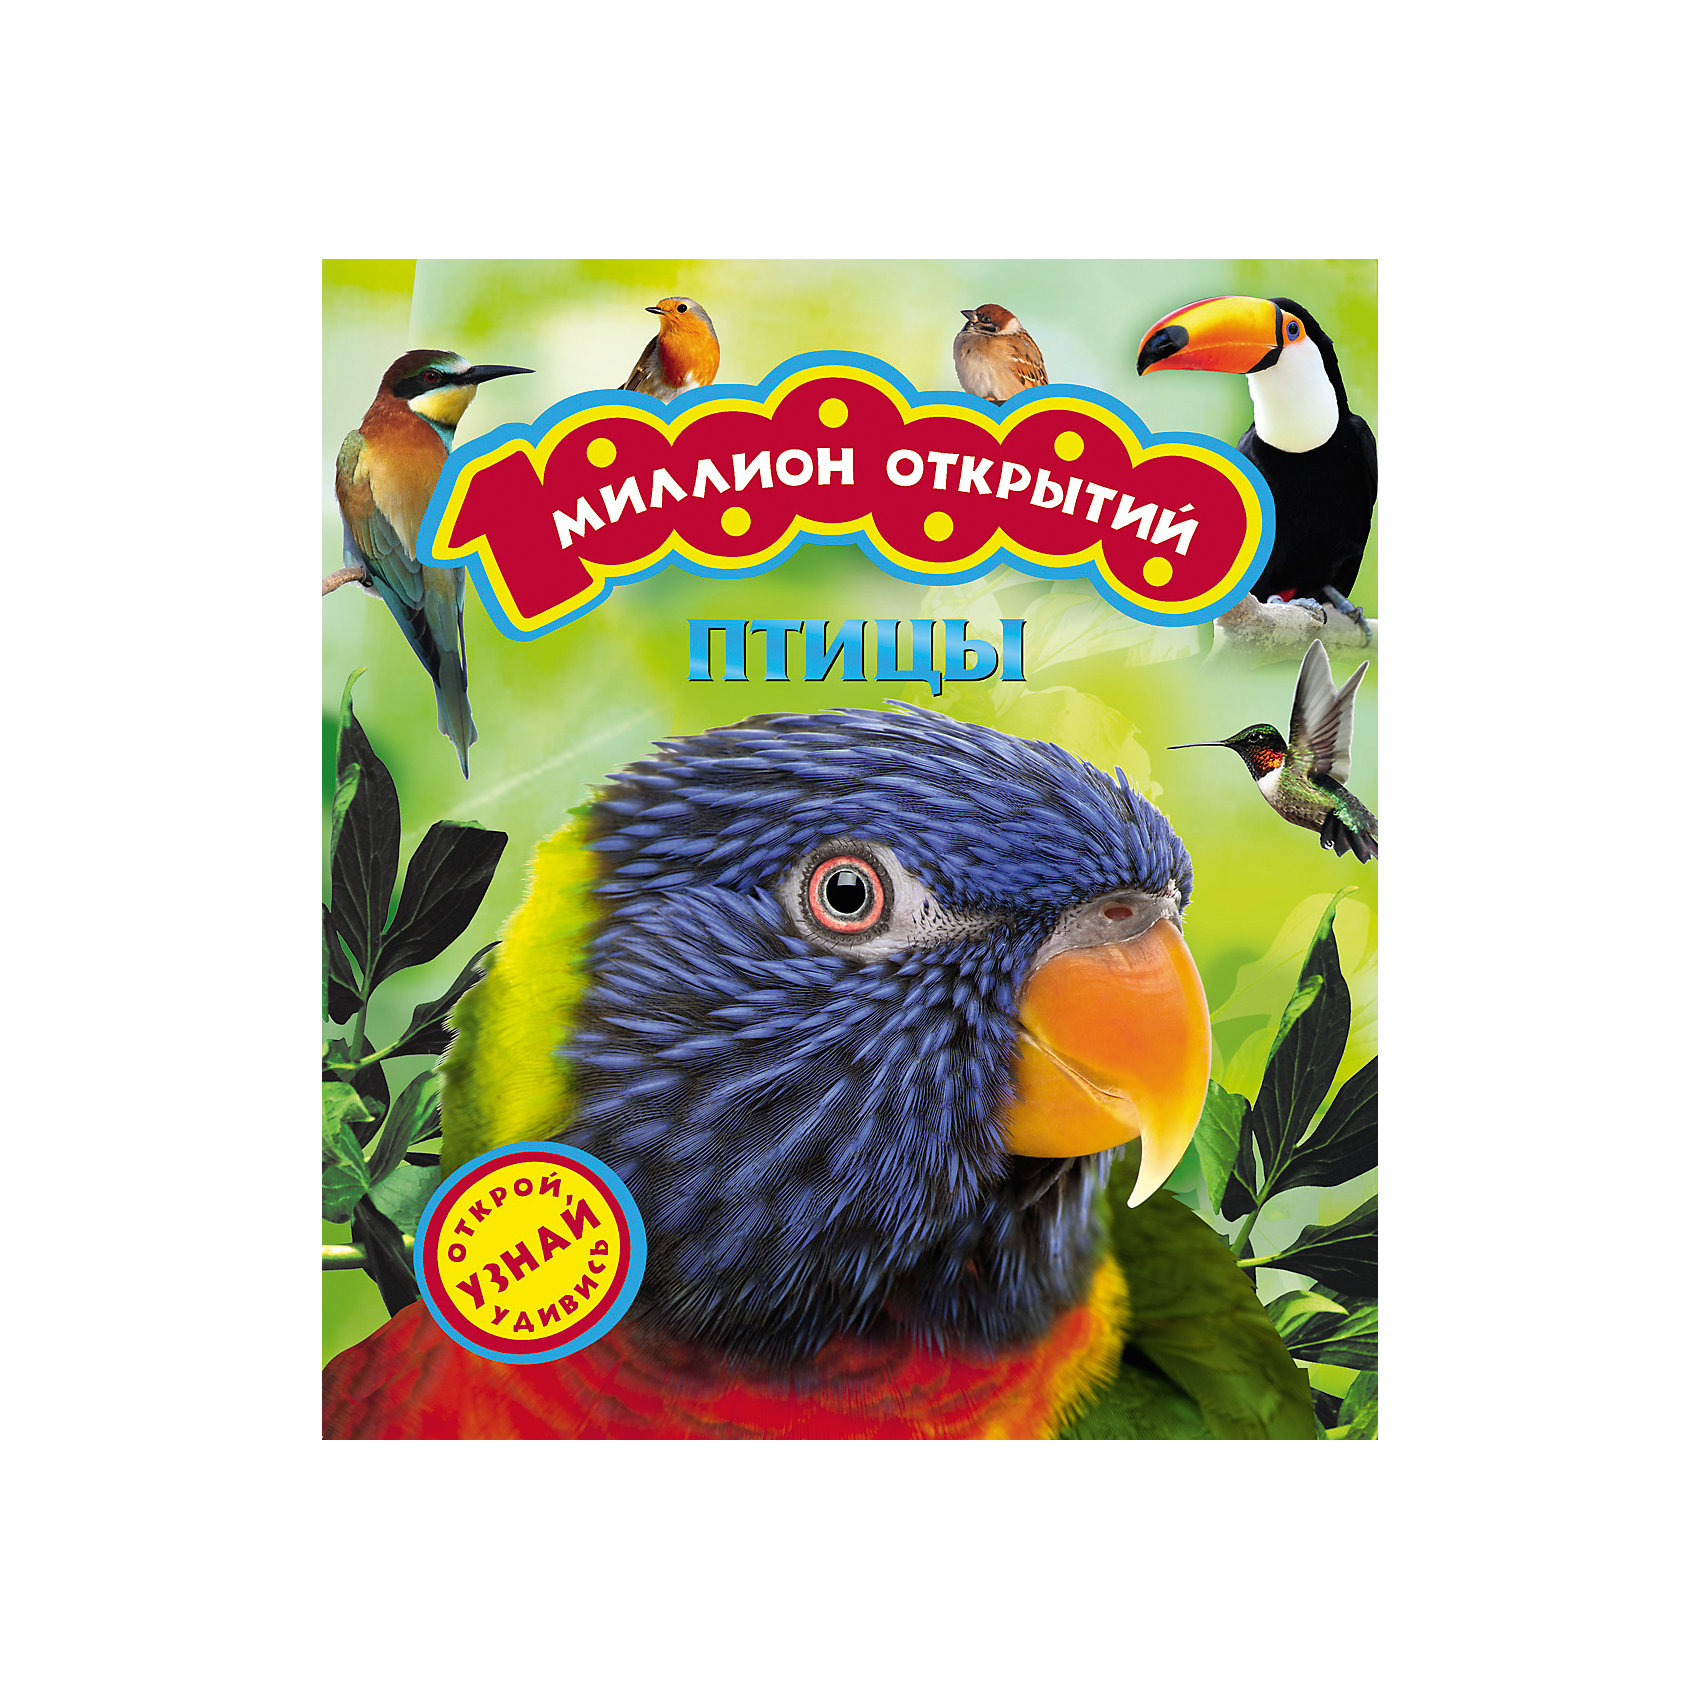 Росмэн Птицы (Миллион открытий) росмэн росмэн самые лучшие наклейки птицы